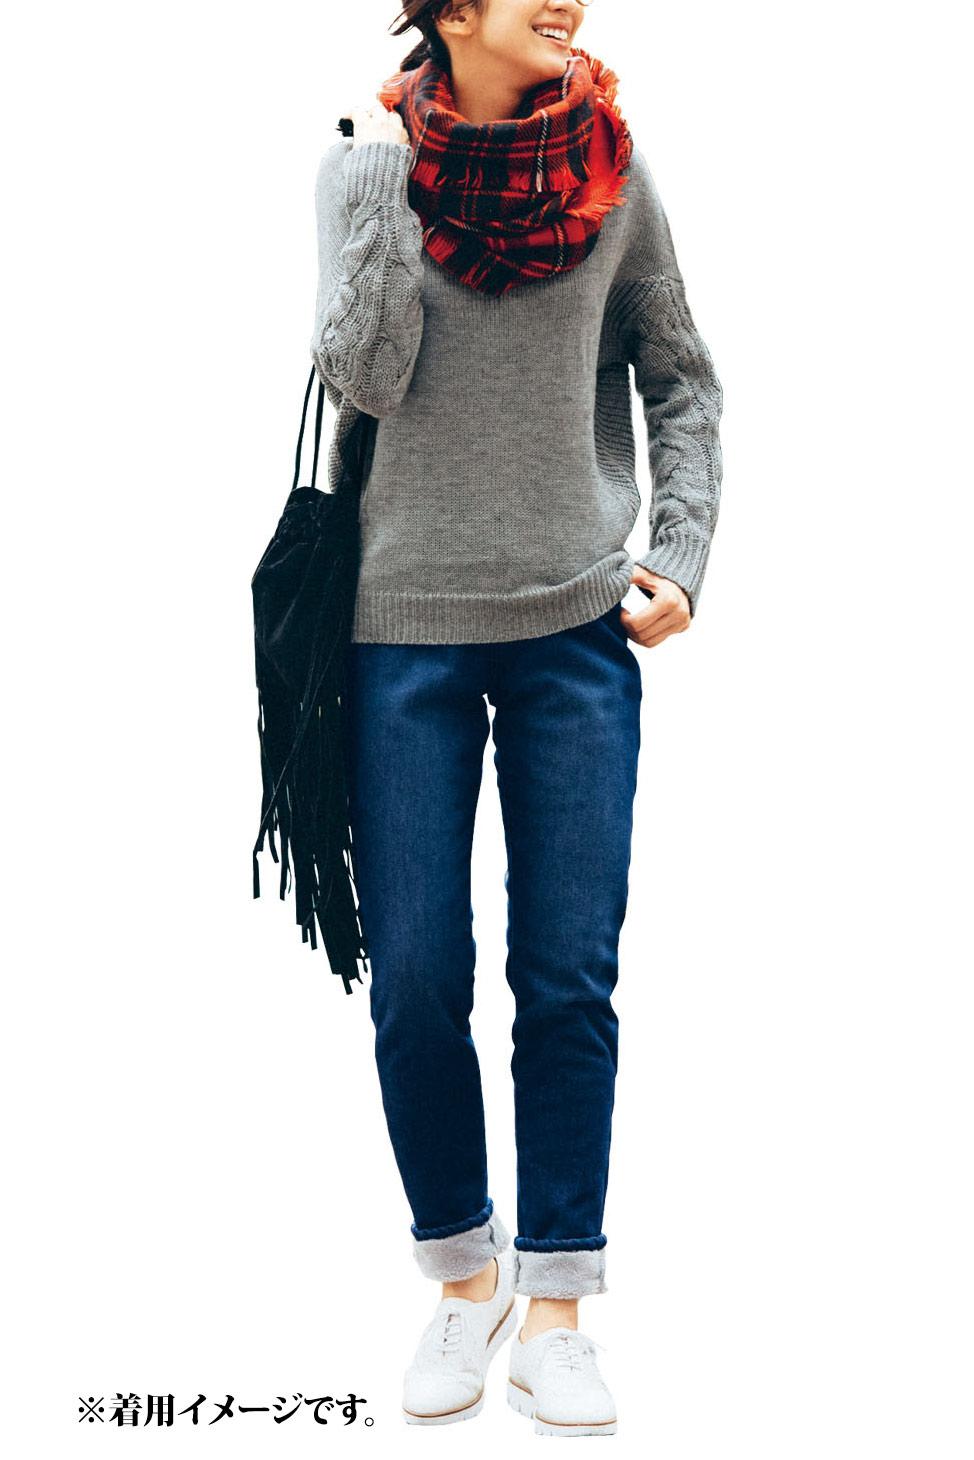 きれいめな印象の【インディゴ】 すそに向かって細くなる、着ぶくれしらずのライン。